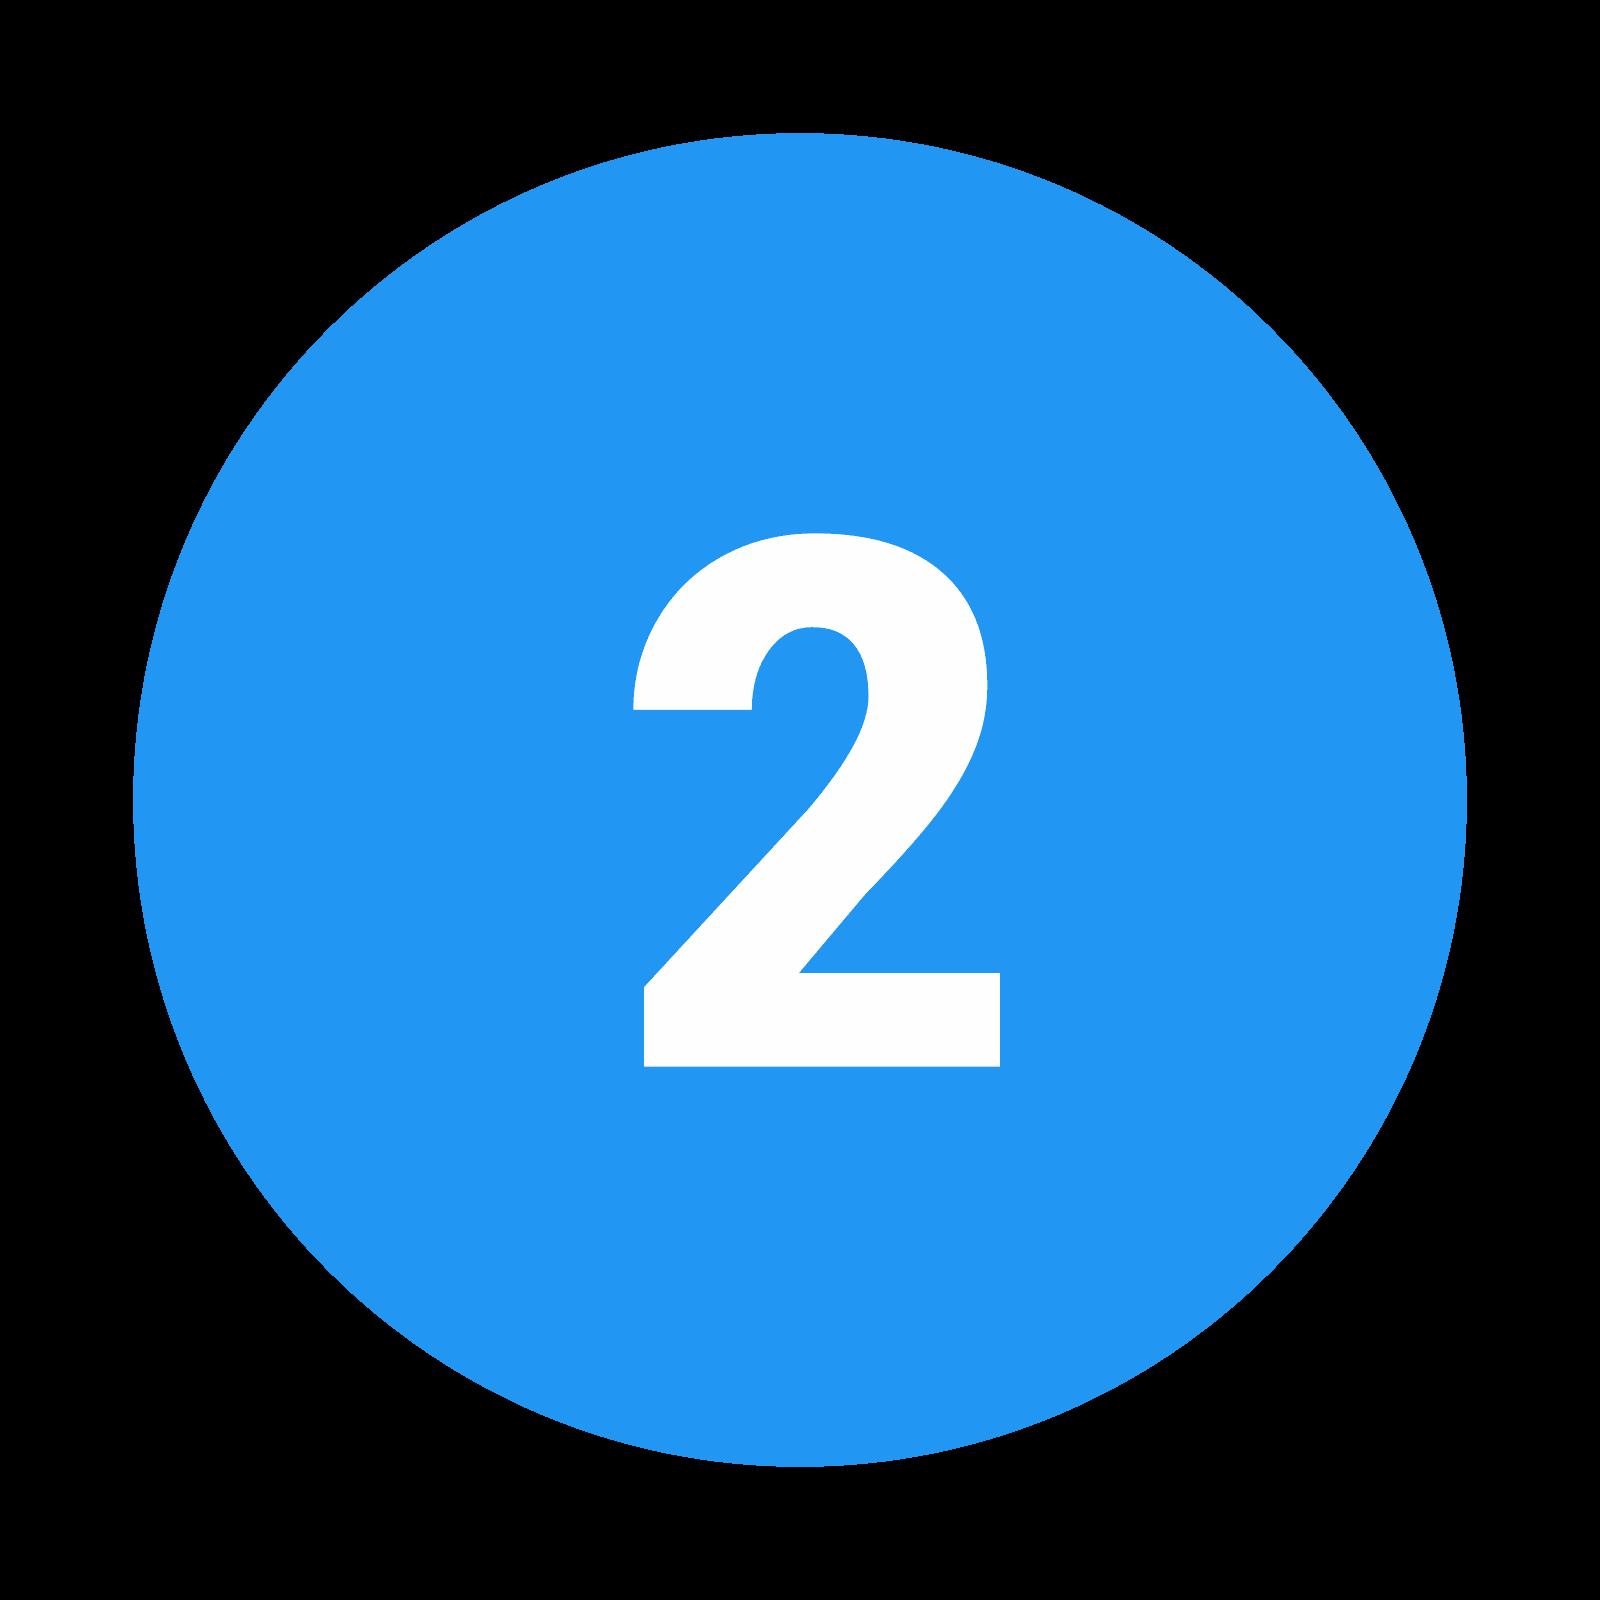 2-circle-c